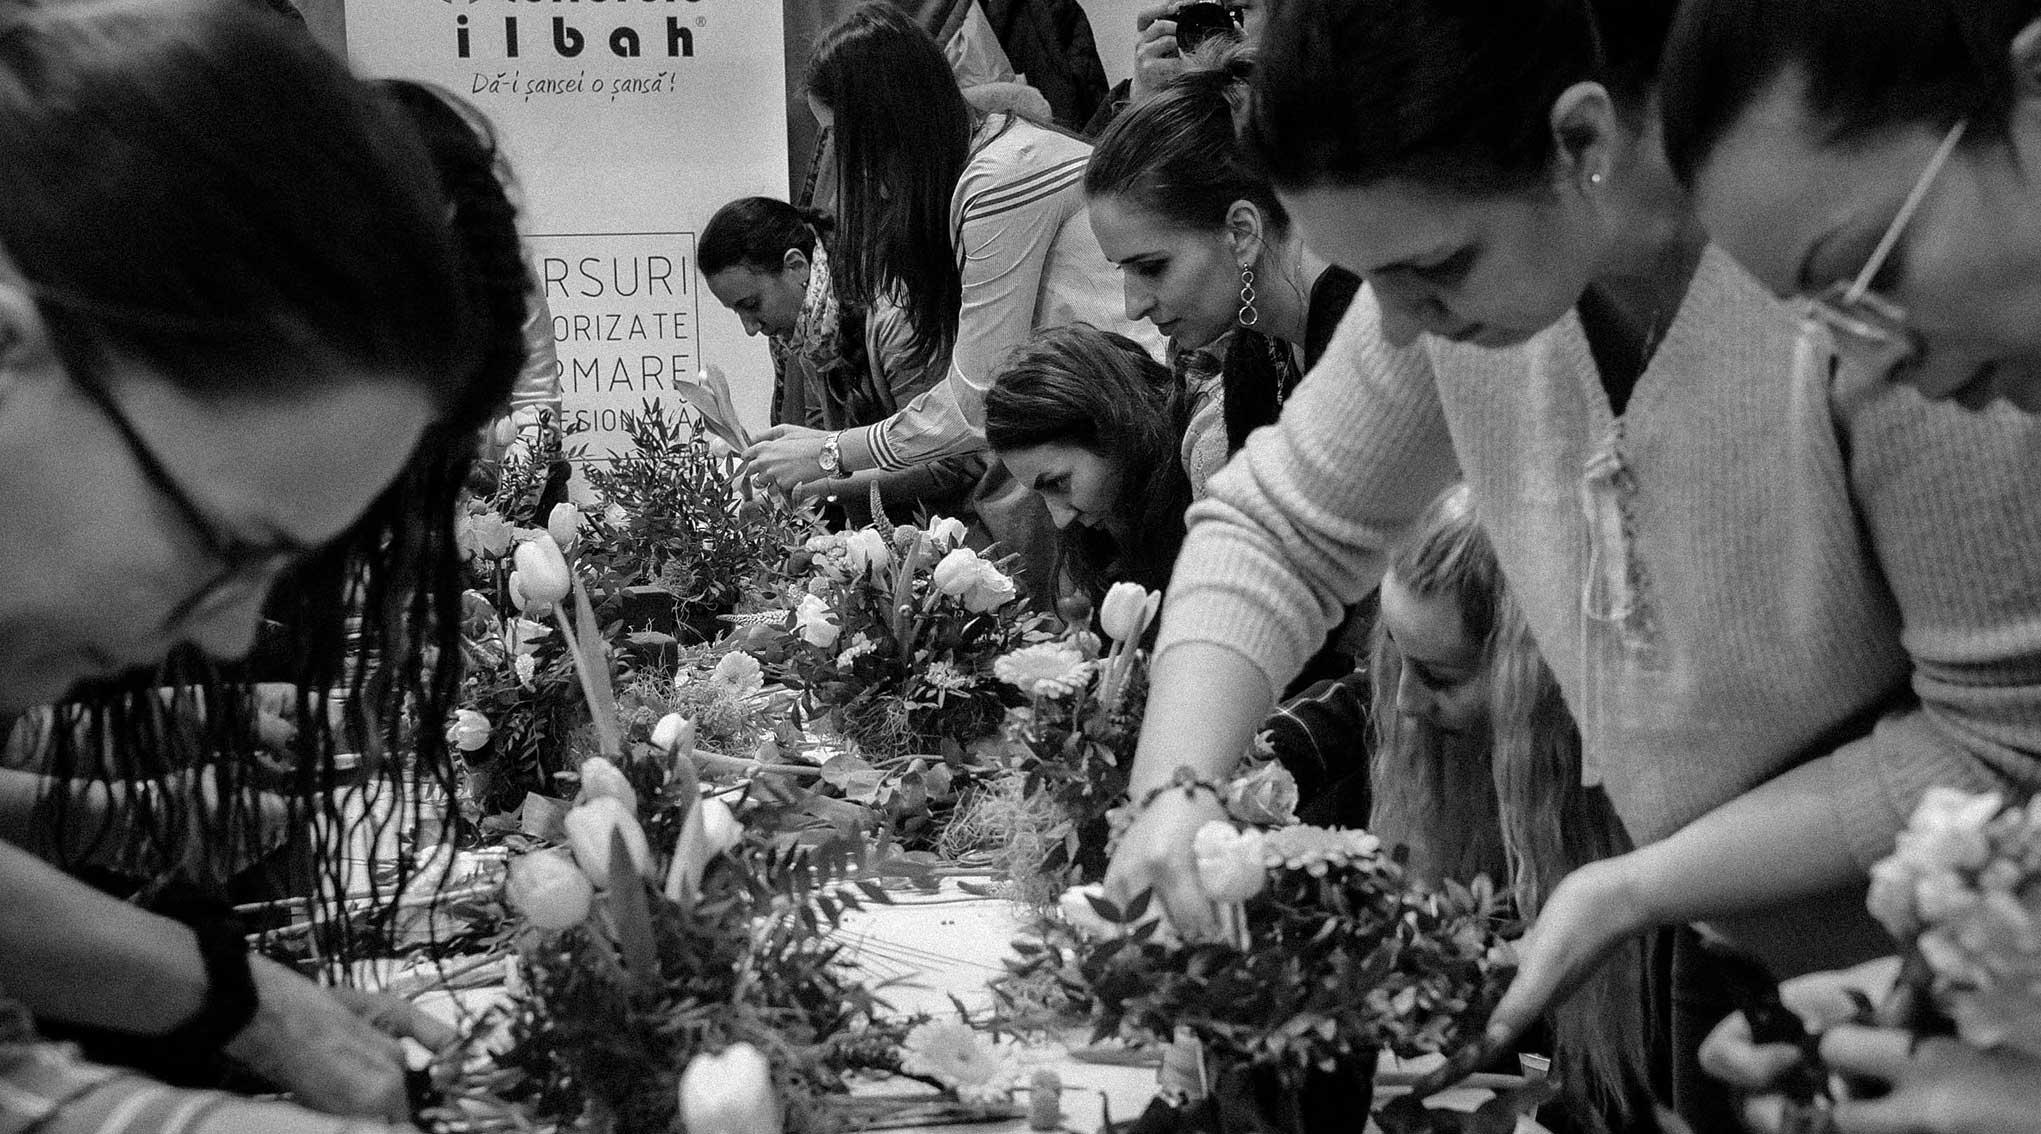 workshop-uri-demonstratii-si-conferinte-marca-atelierele-ilbah-pe-parcursul-a-4-zile-in-cadrul-romexpo-55